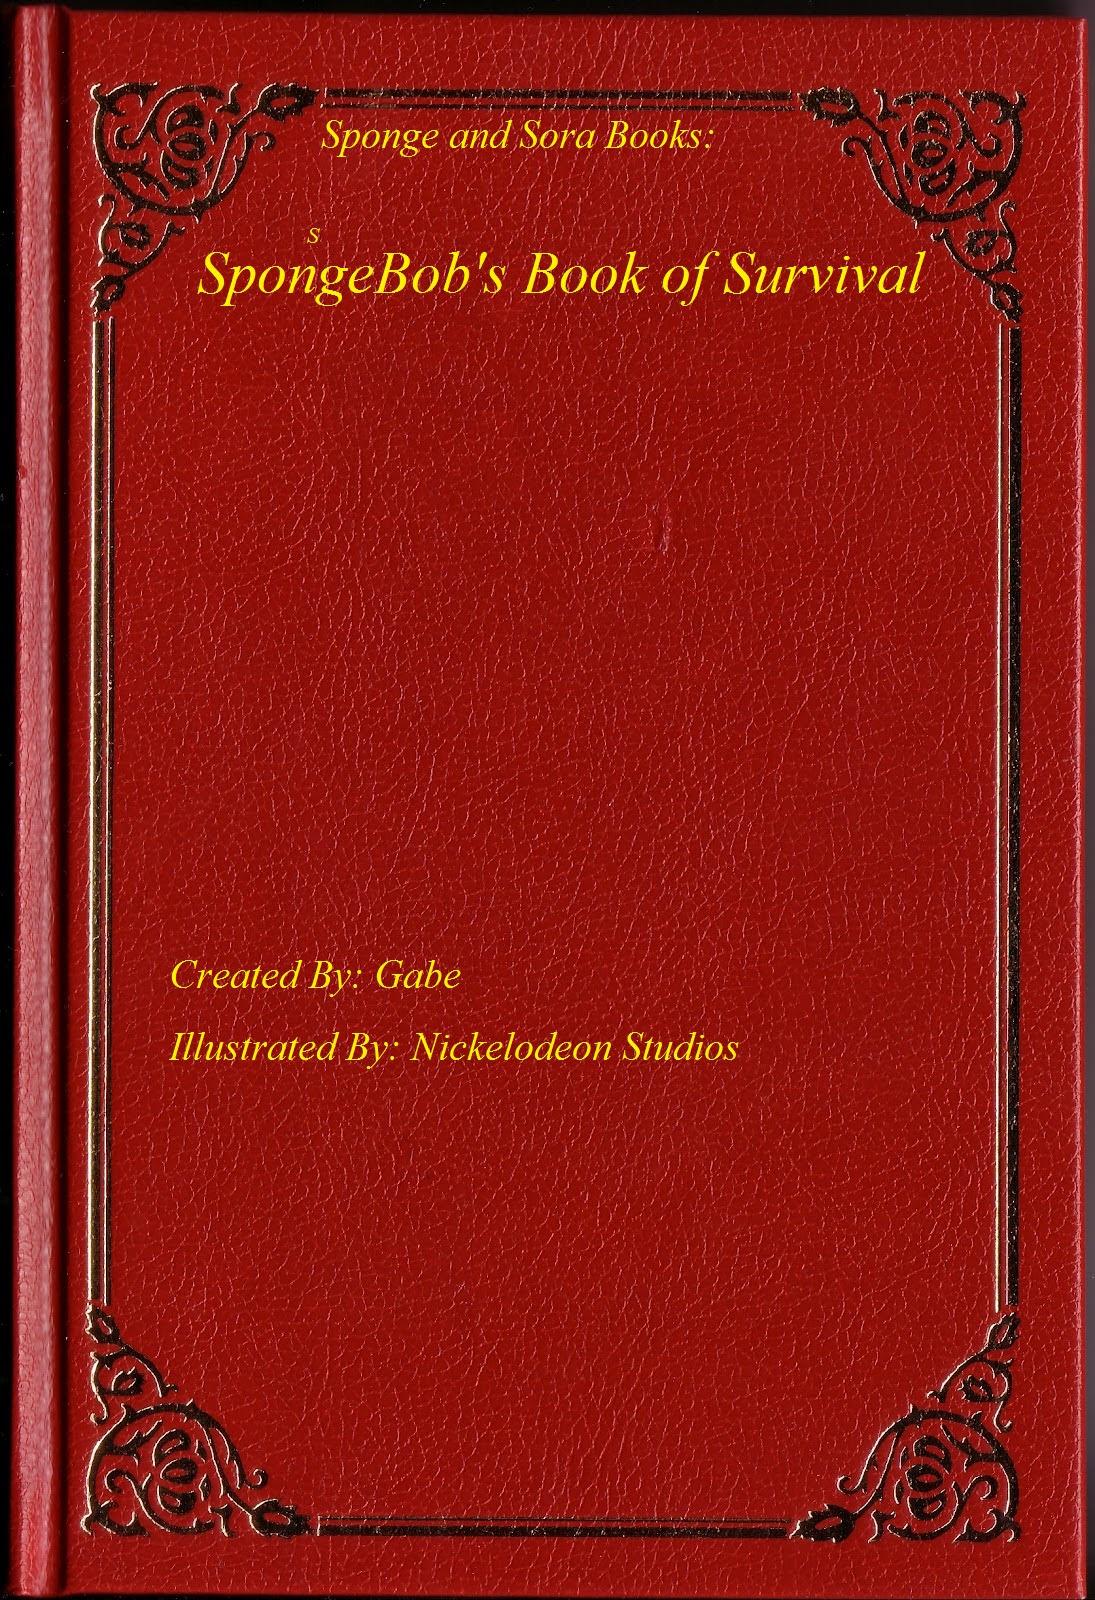 Image - Blank book cover.jpg | The Sponge and Sorapedia Wiki ...